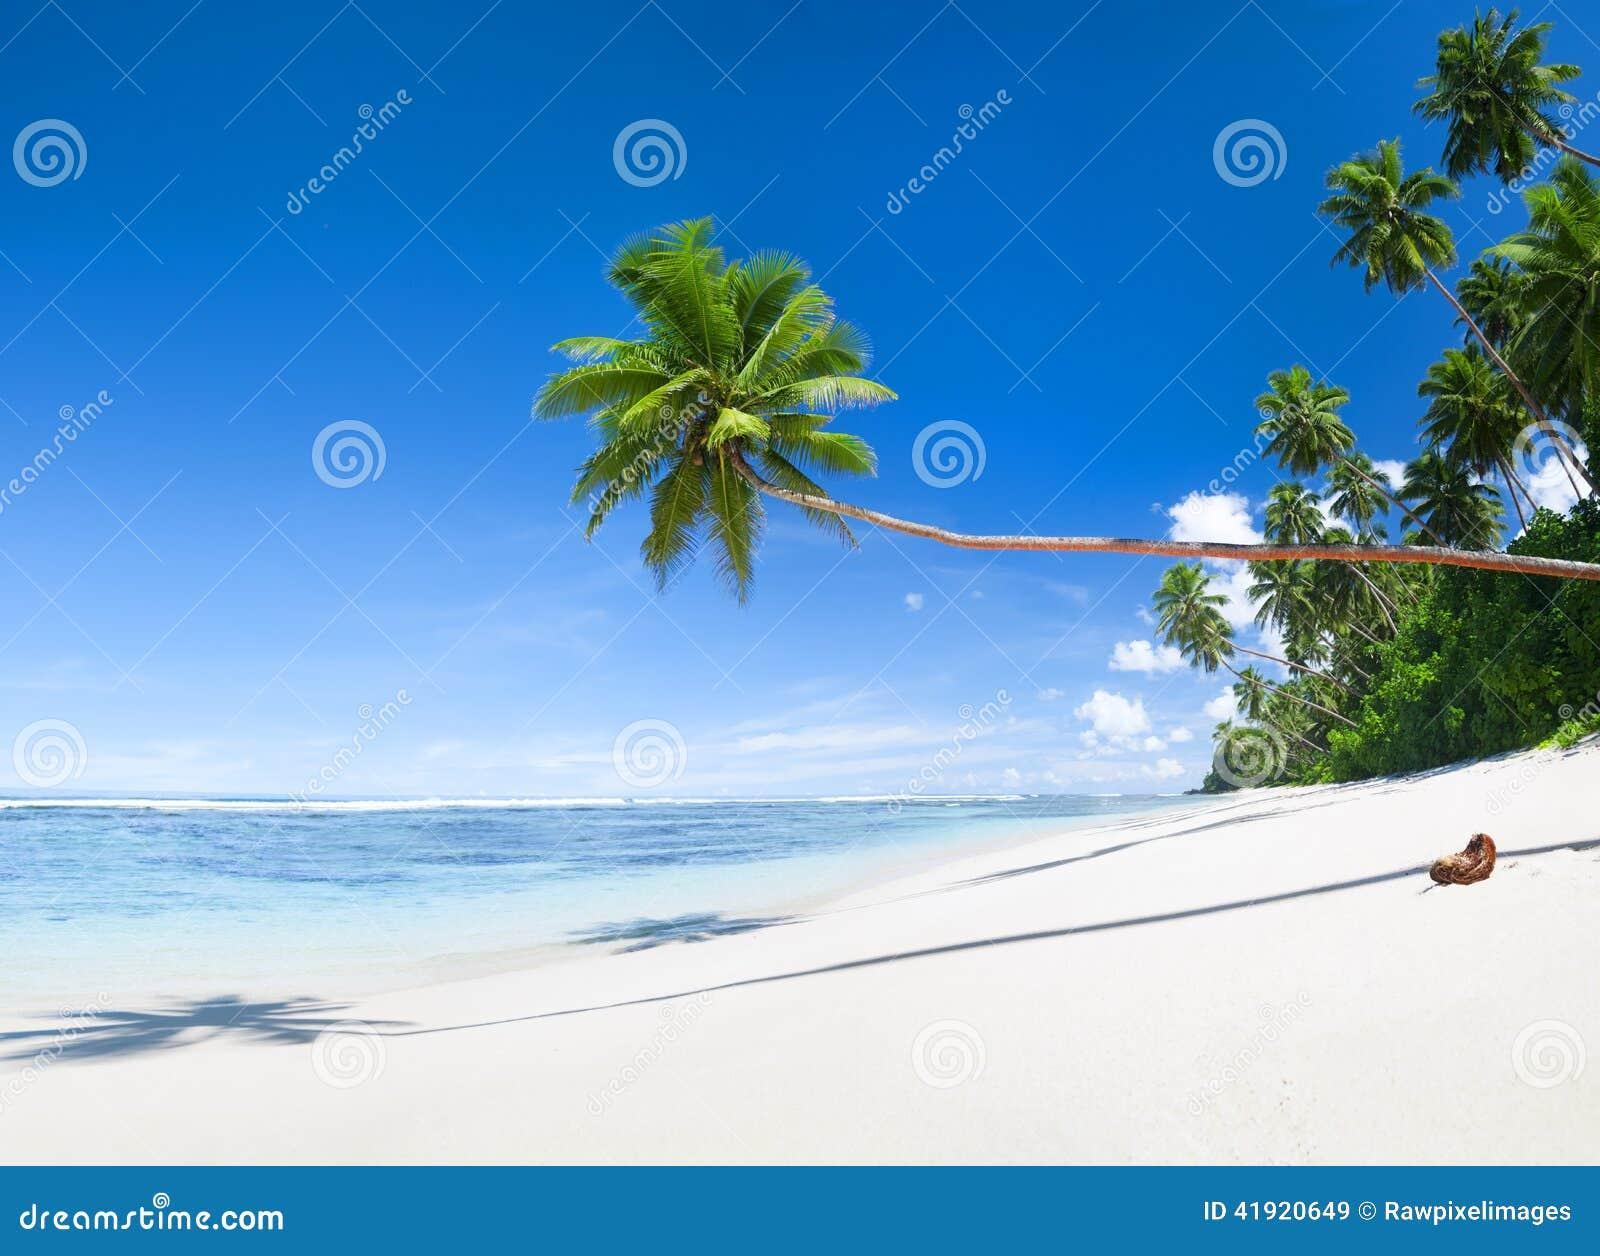 Árboles tropicales de la playa y de coco